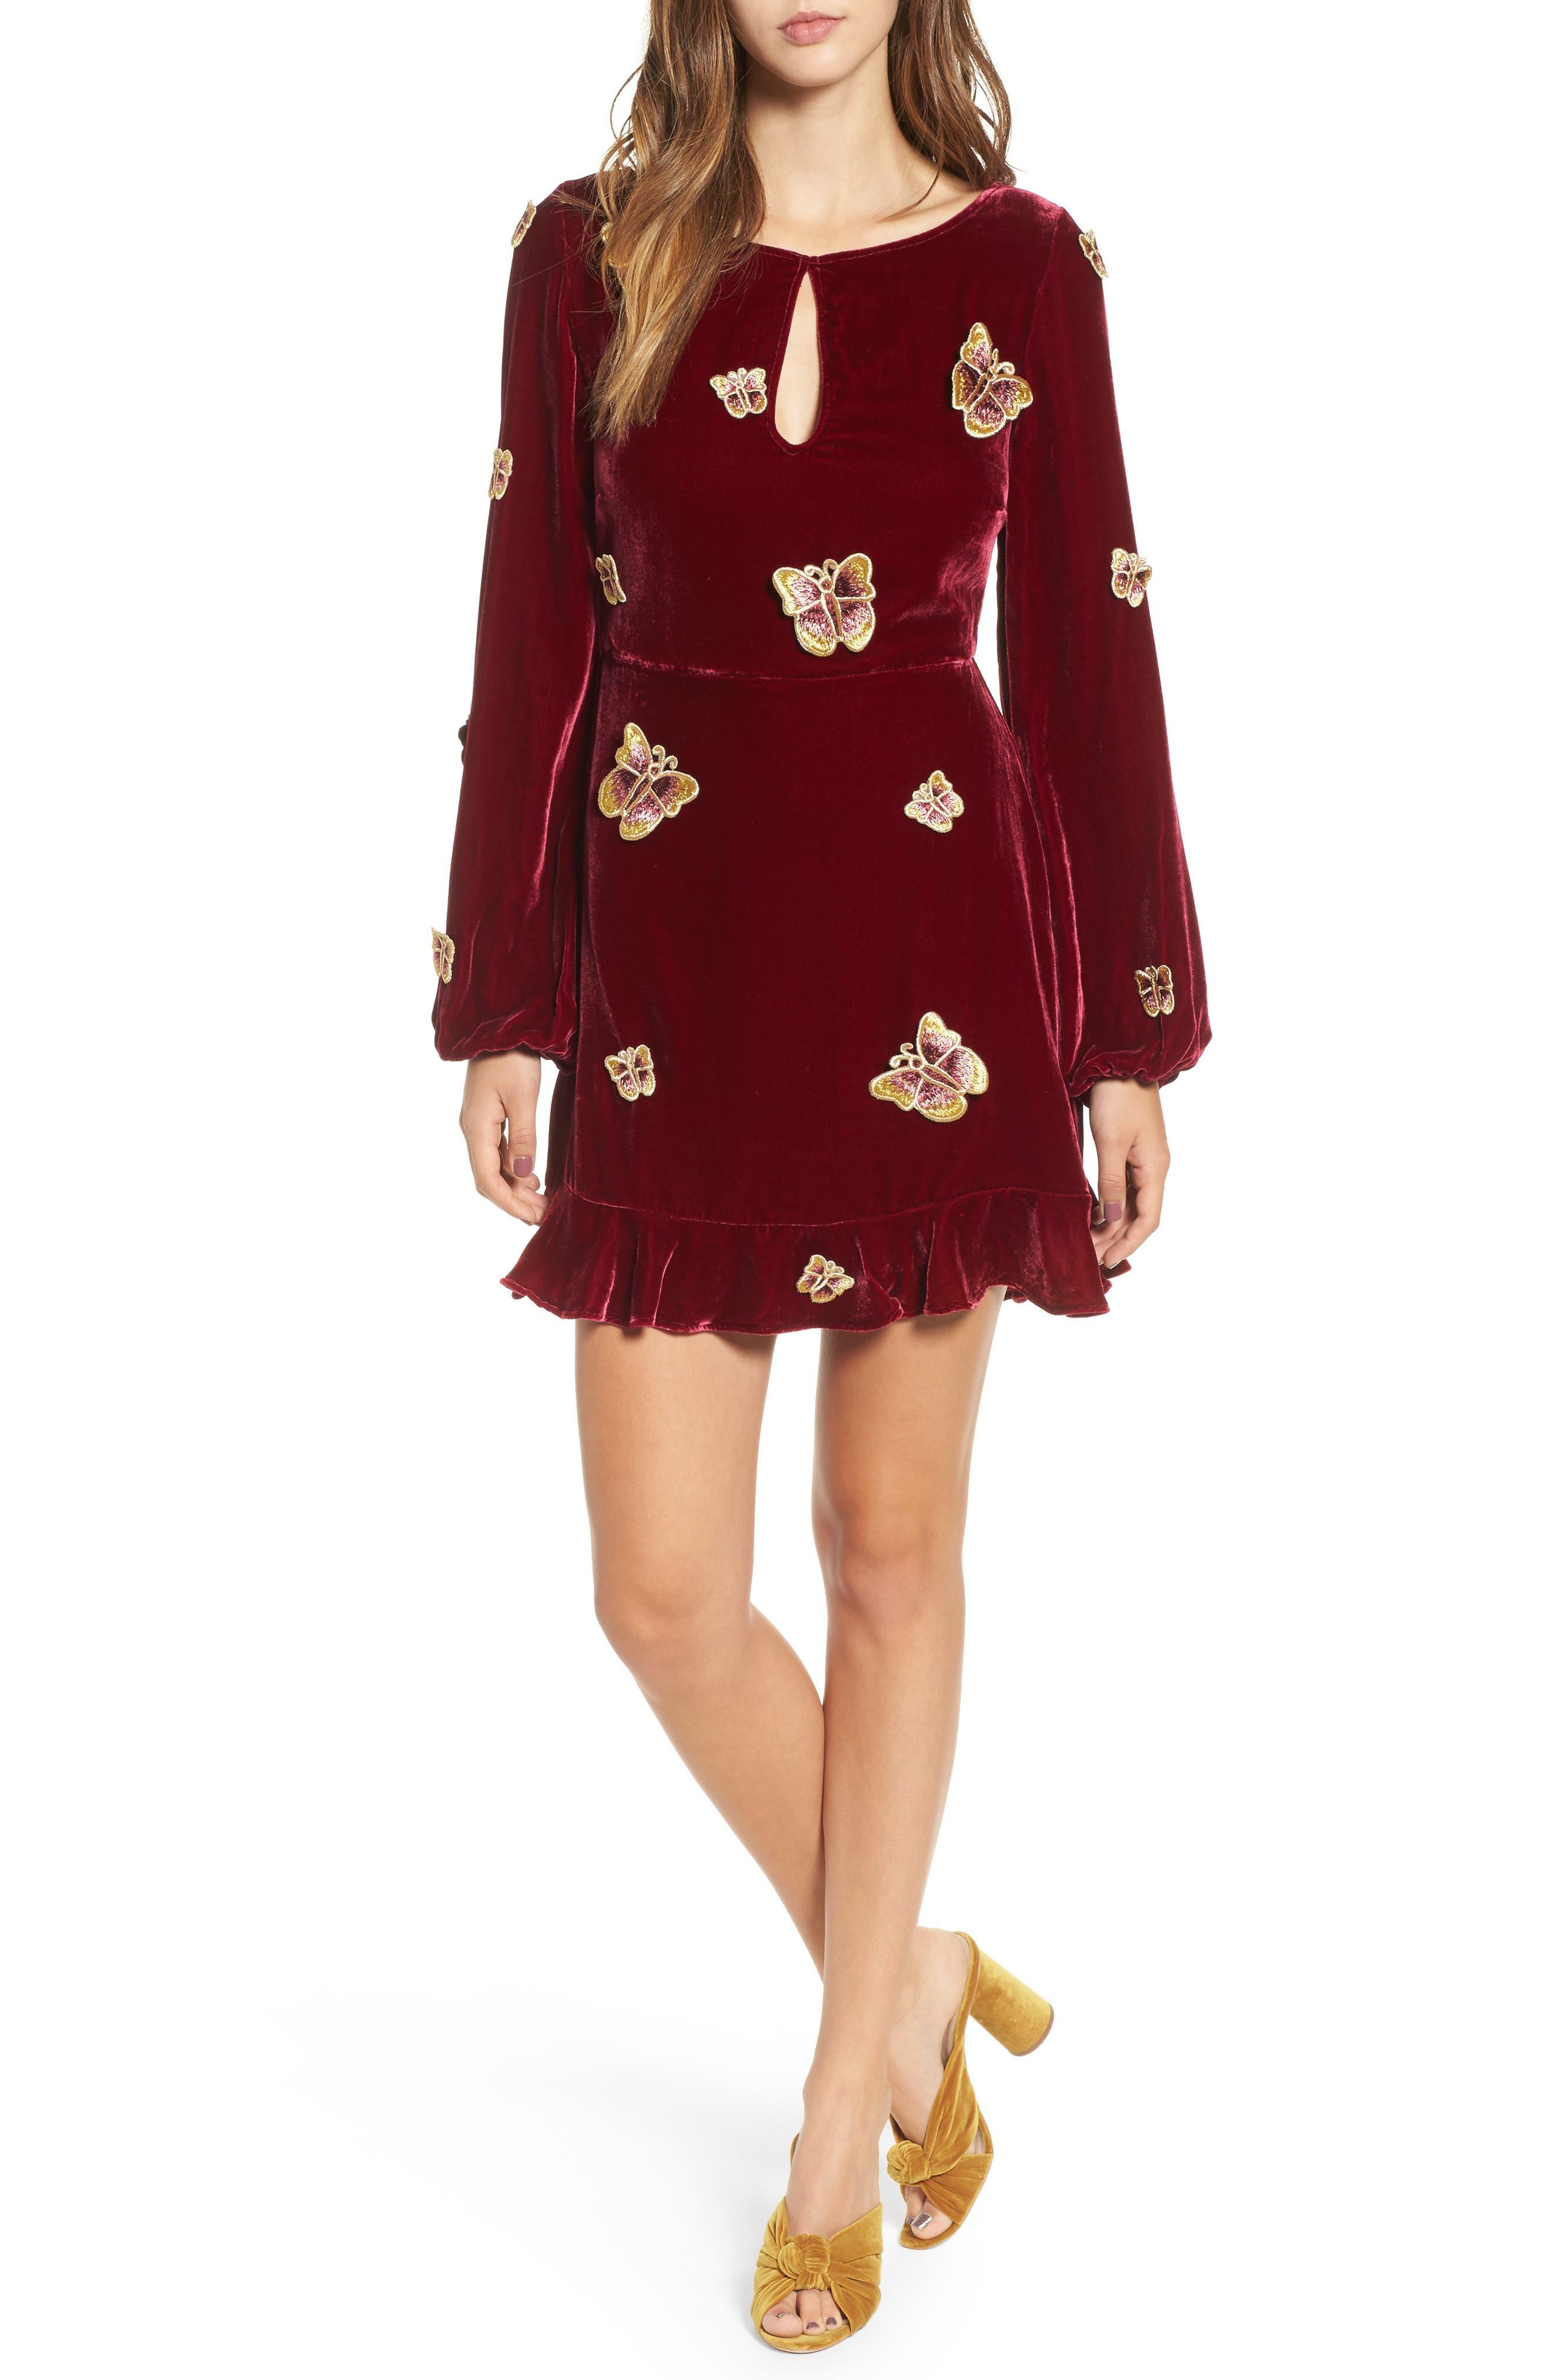 Alternate Image 1 Selected - For Love & Lemons Papillon Appliqué Velvet Swing Dress